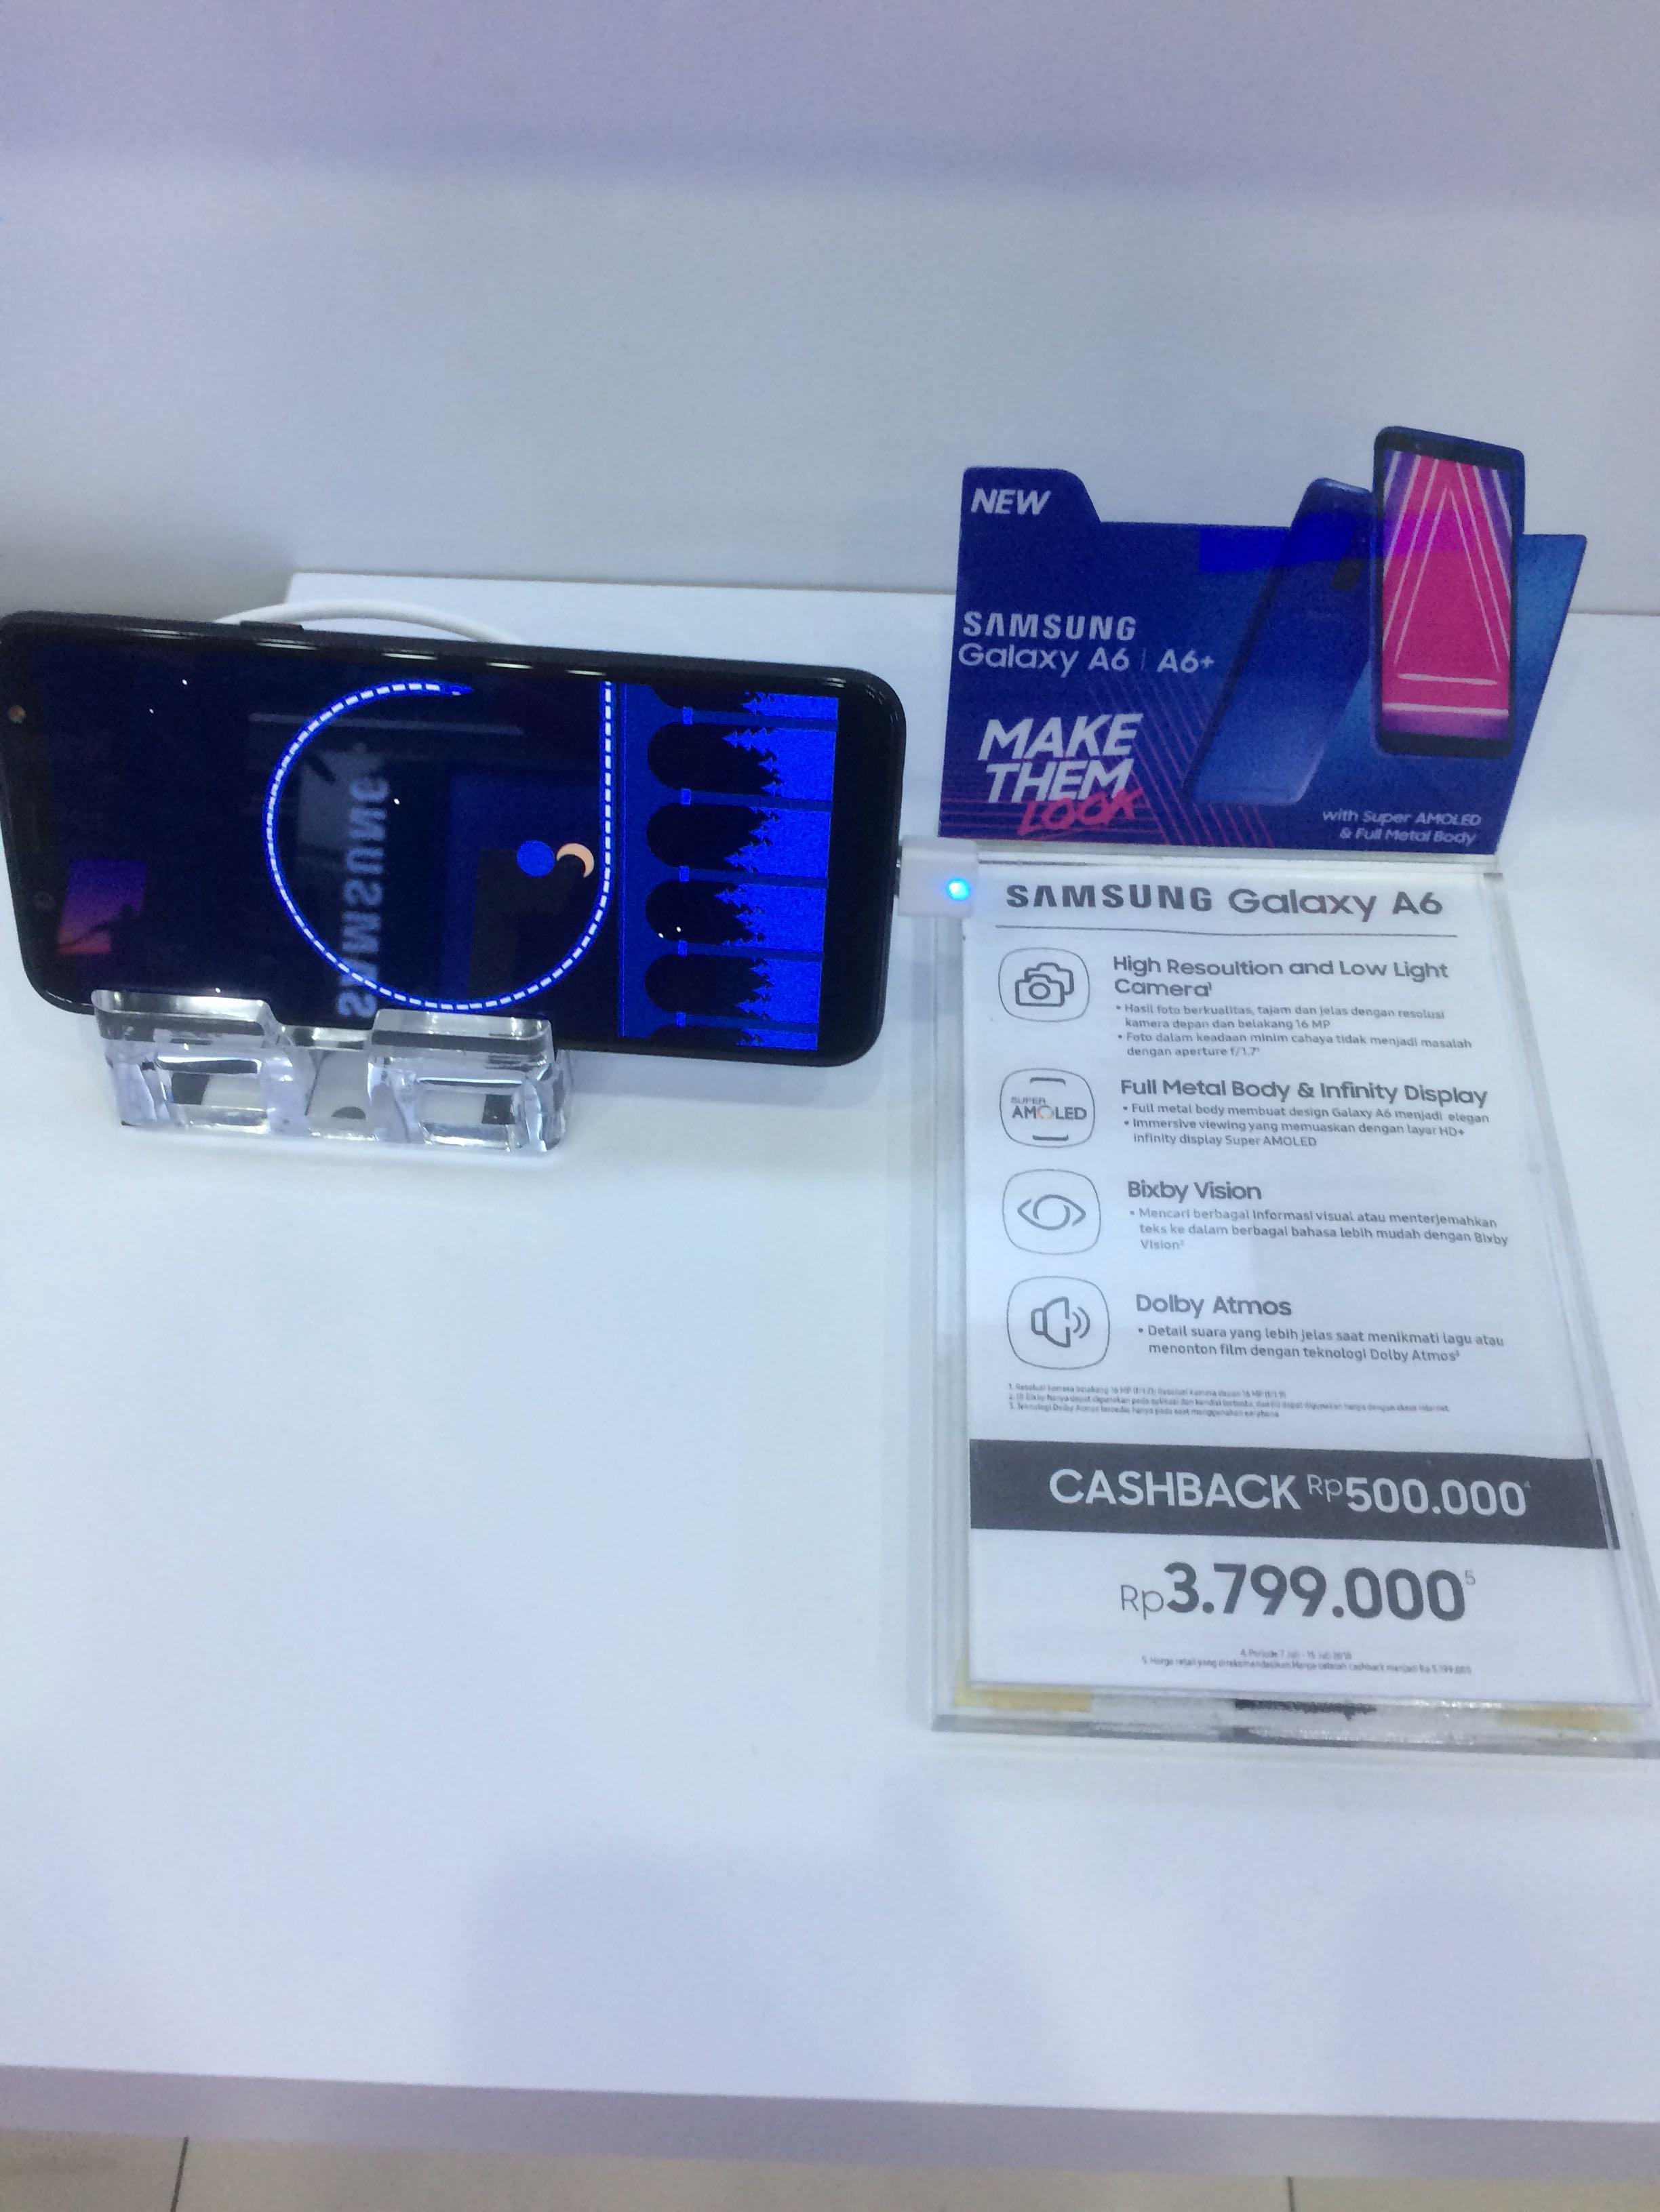 Samsung Galaxy A6 Promo Bunga 0 99 Untuk Tenor 10blnnya Mobile